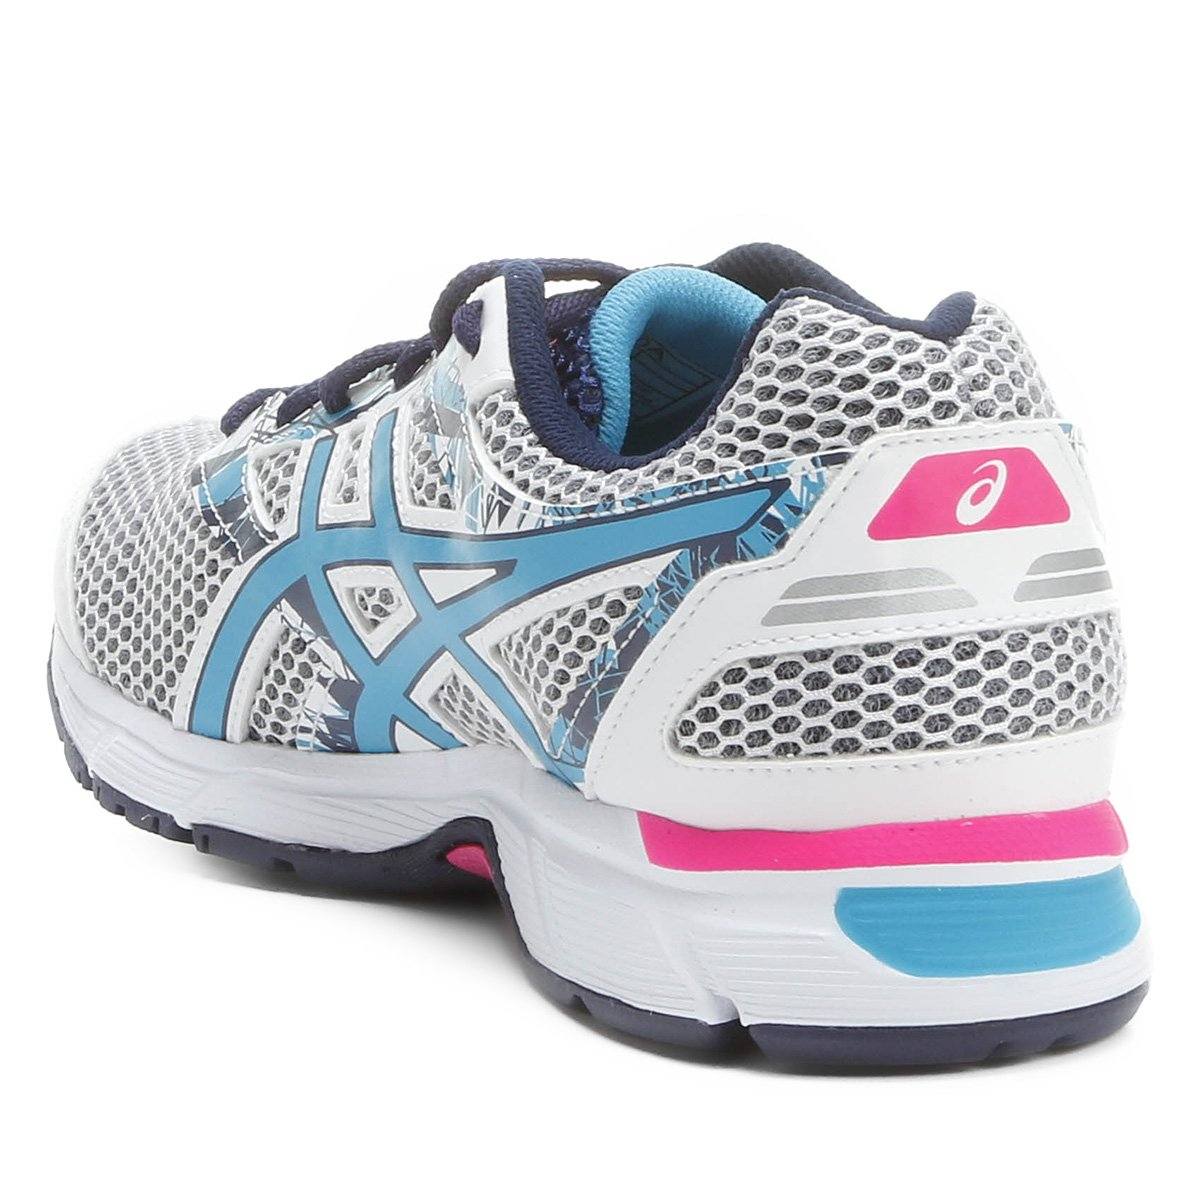 Tênis Asics GEL Excite 4 Feminino - Branco e Azul - Compre Agora ... fb27d8ae65d6d